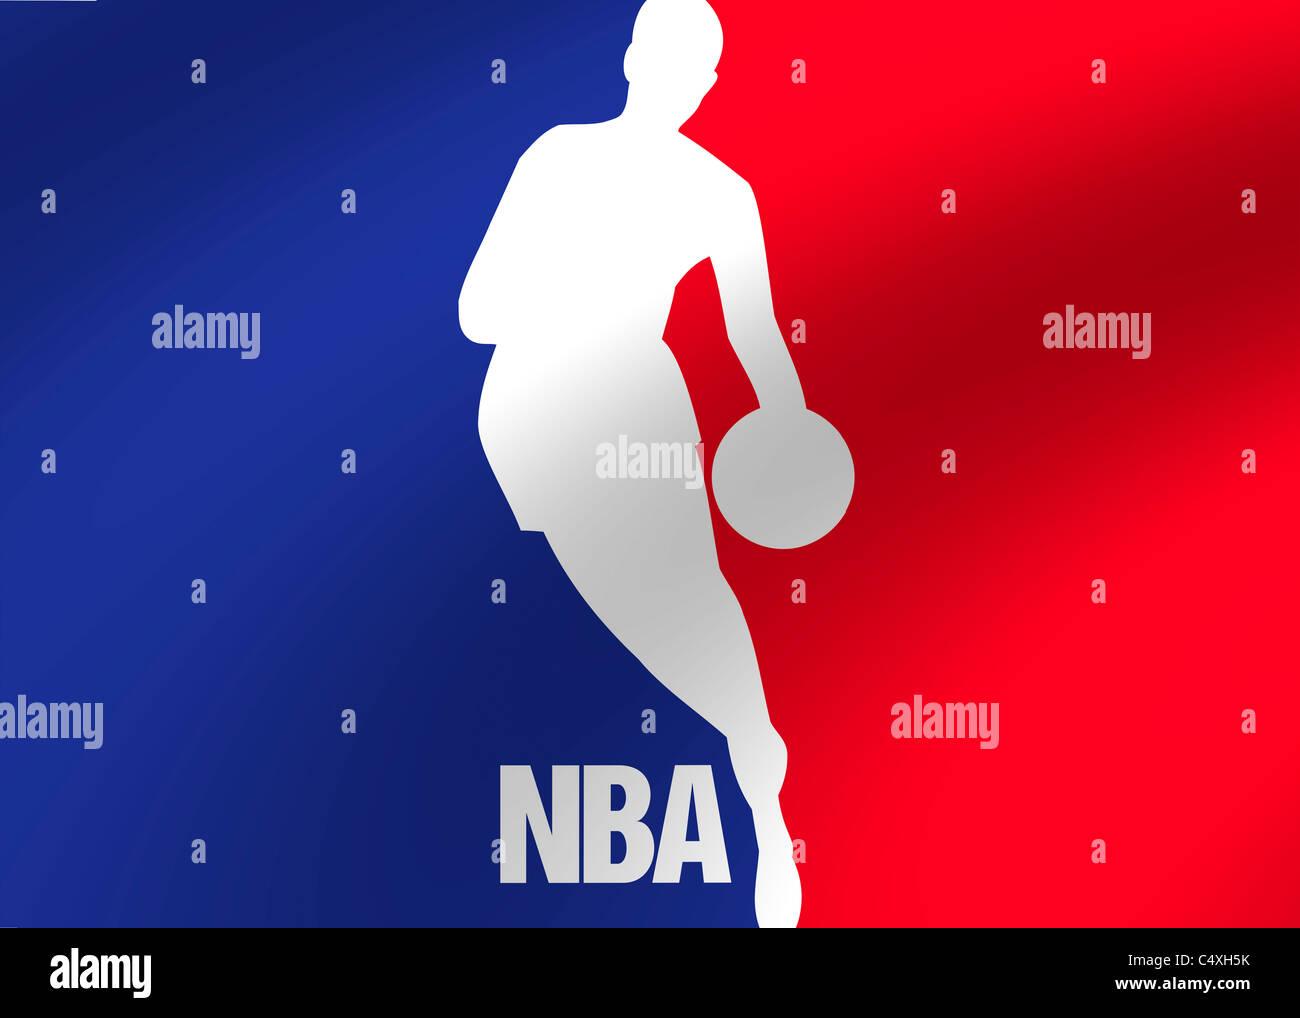 Nba Logo Stock Photos Nba Logo Stock Images Alamy